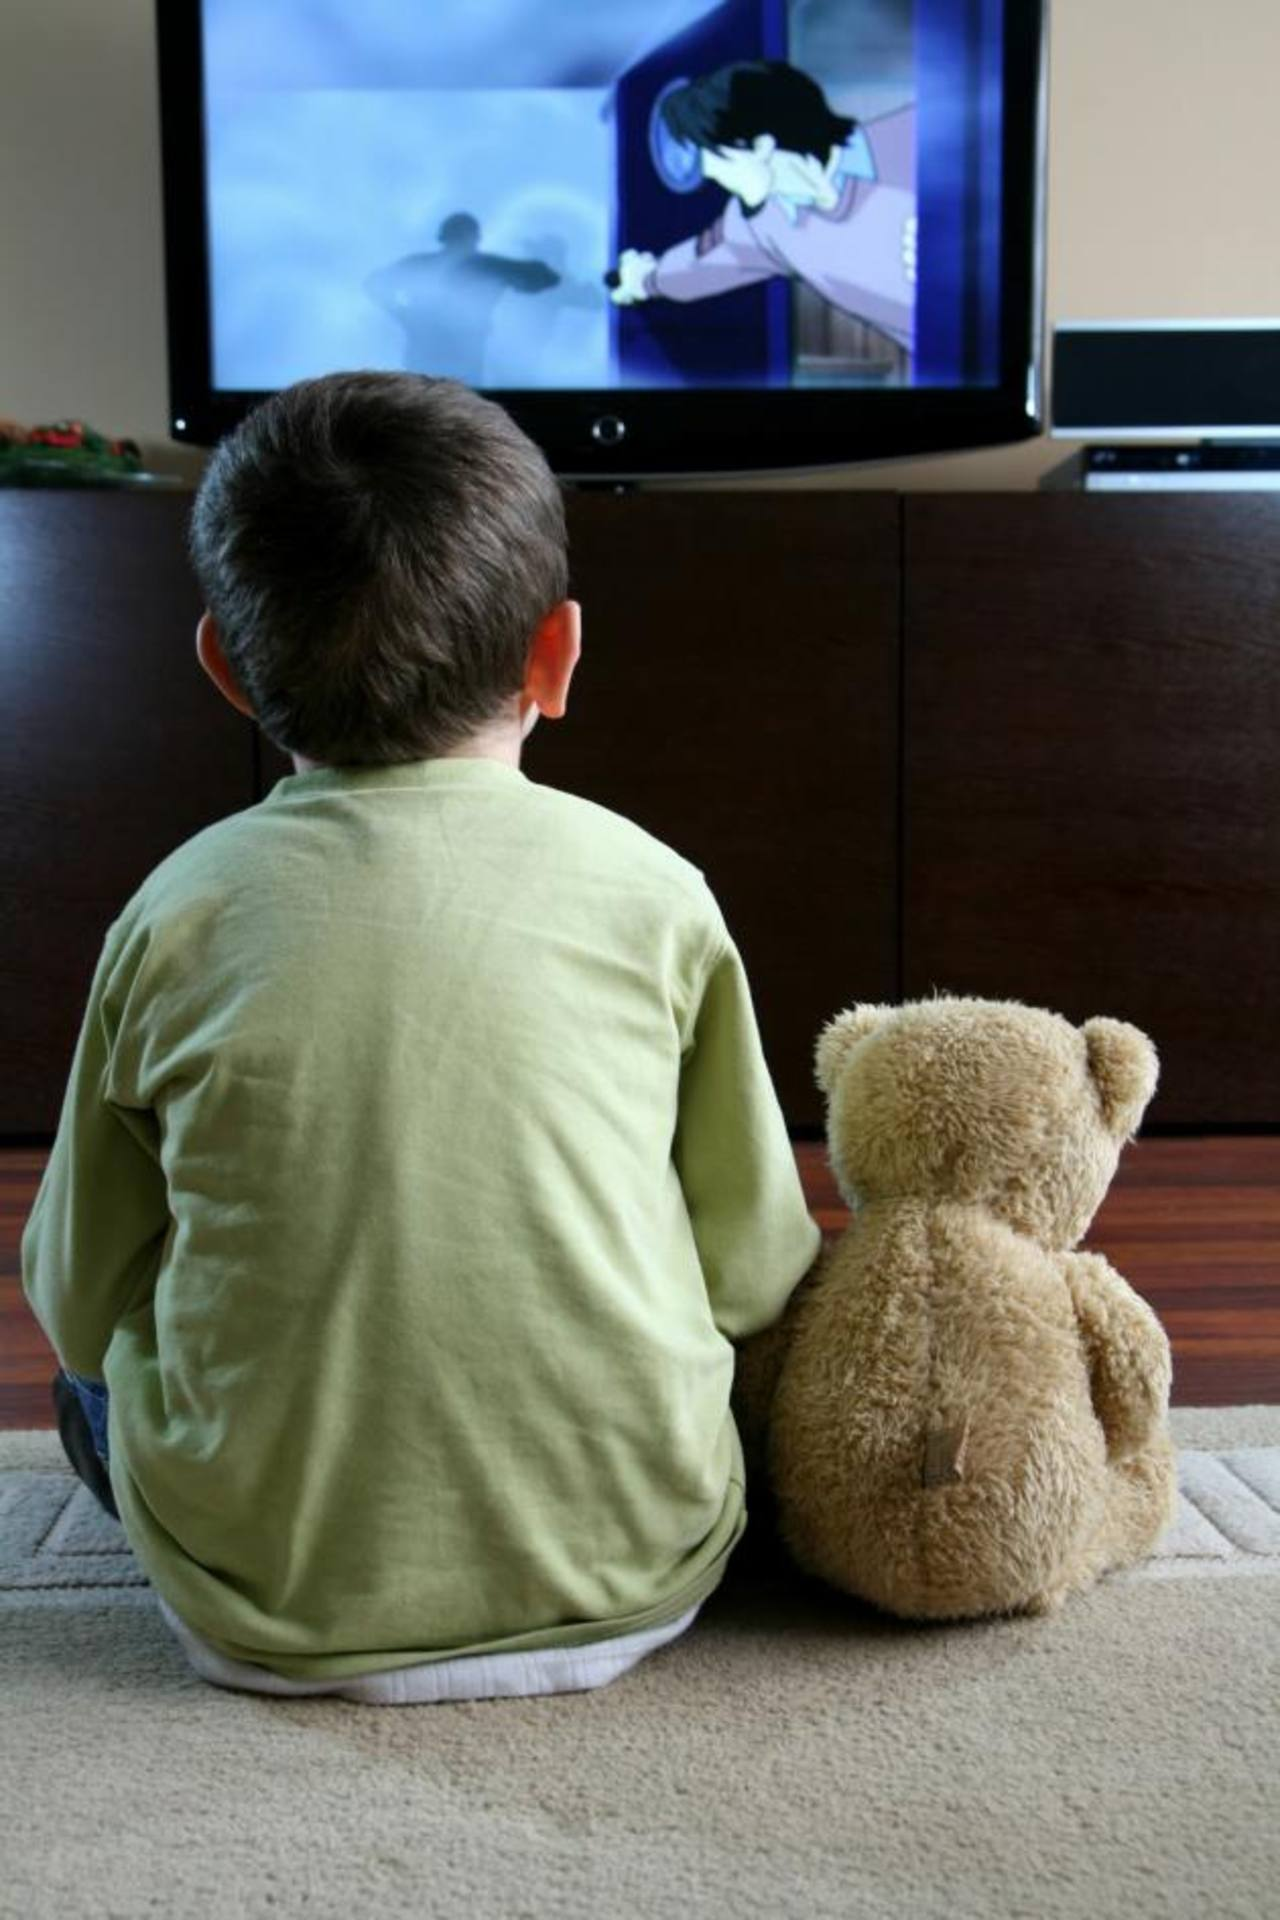 Inactividad aumenta la grasa corporal en los niños